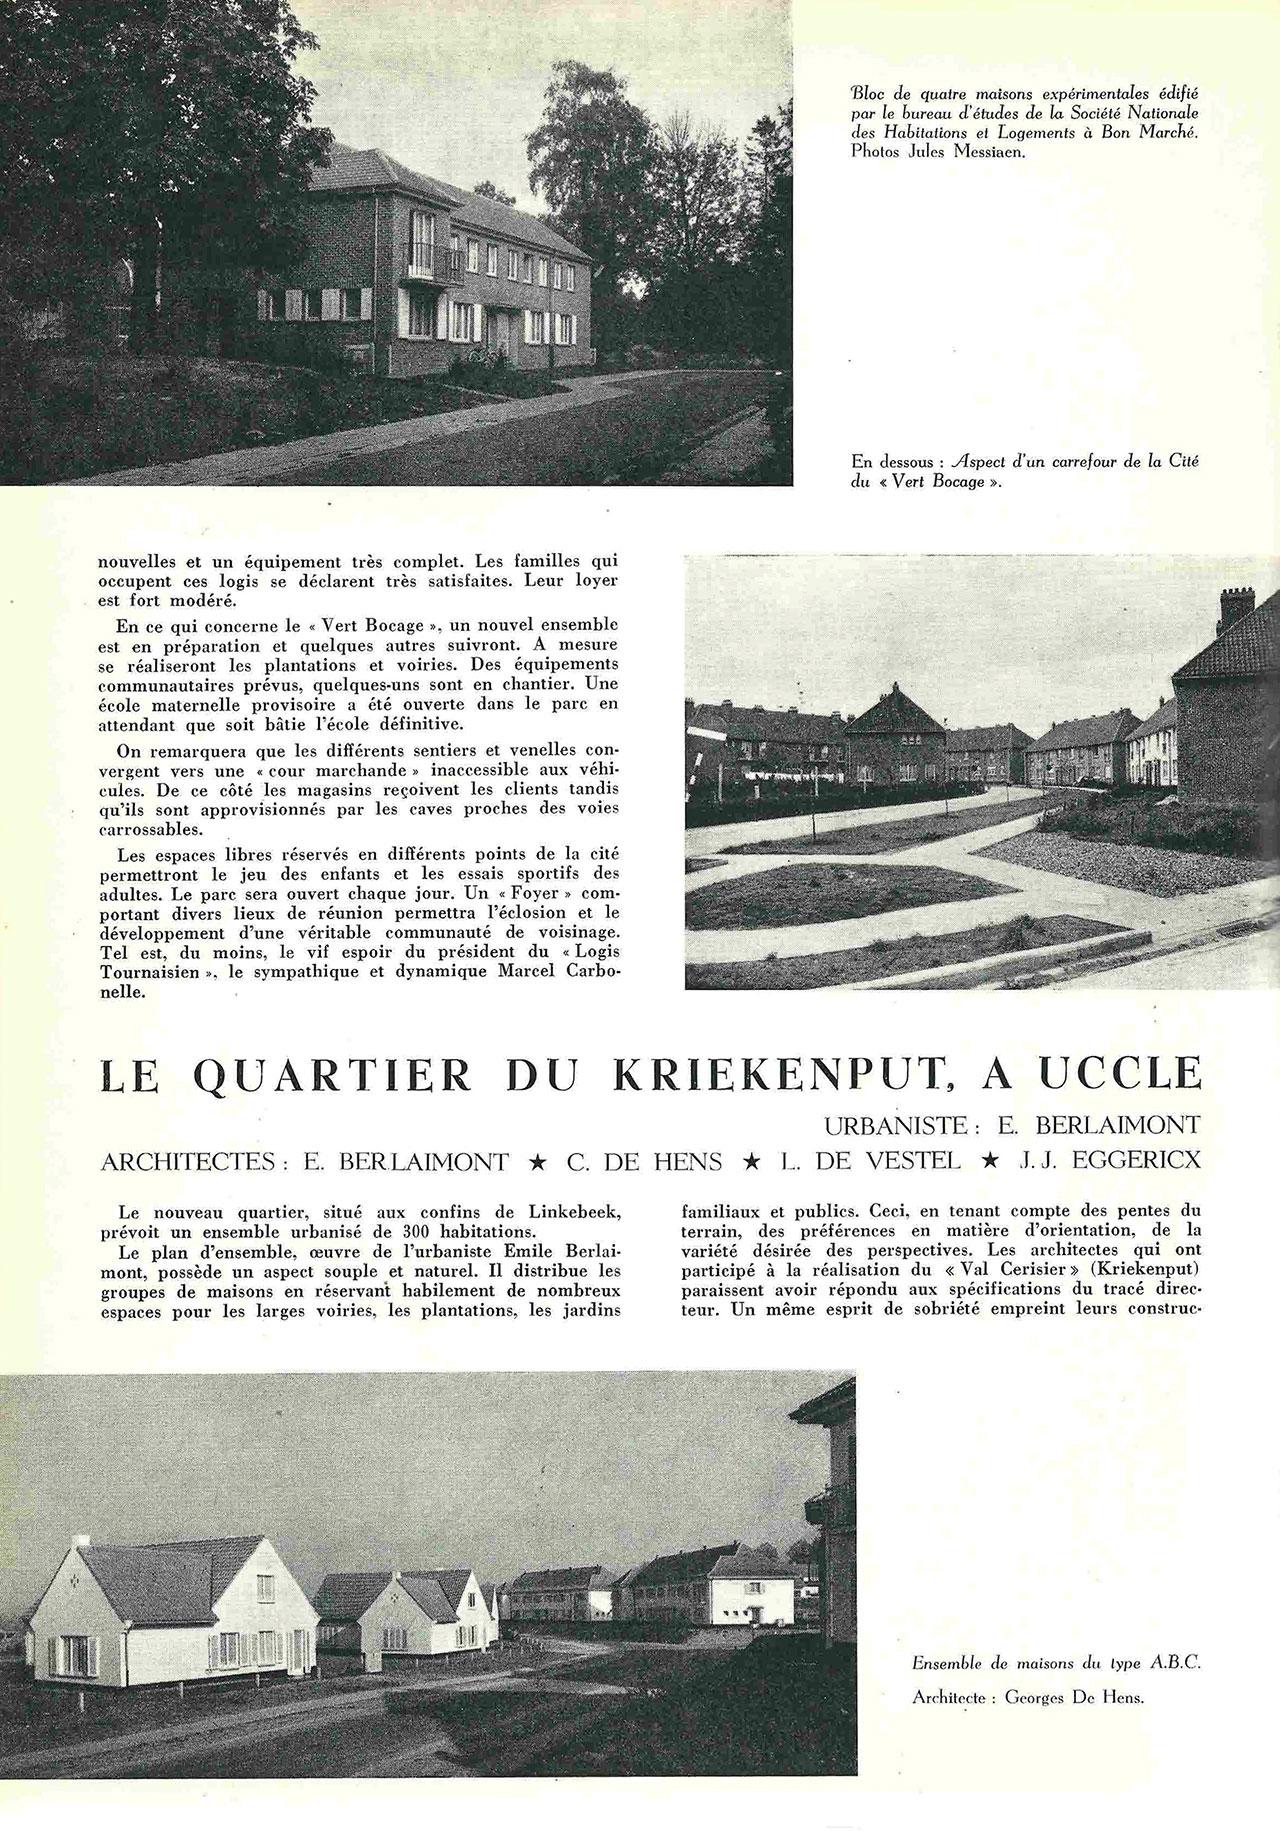 Le quartier du Kriekenput, à Uccle